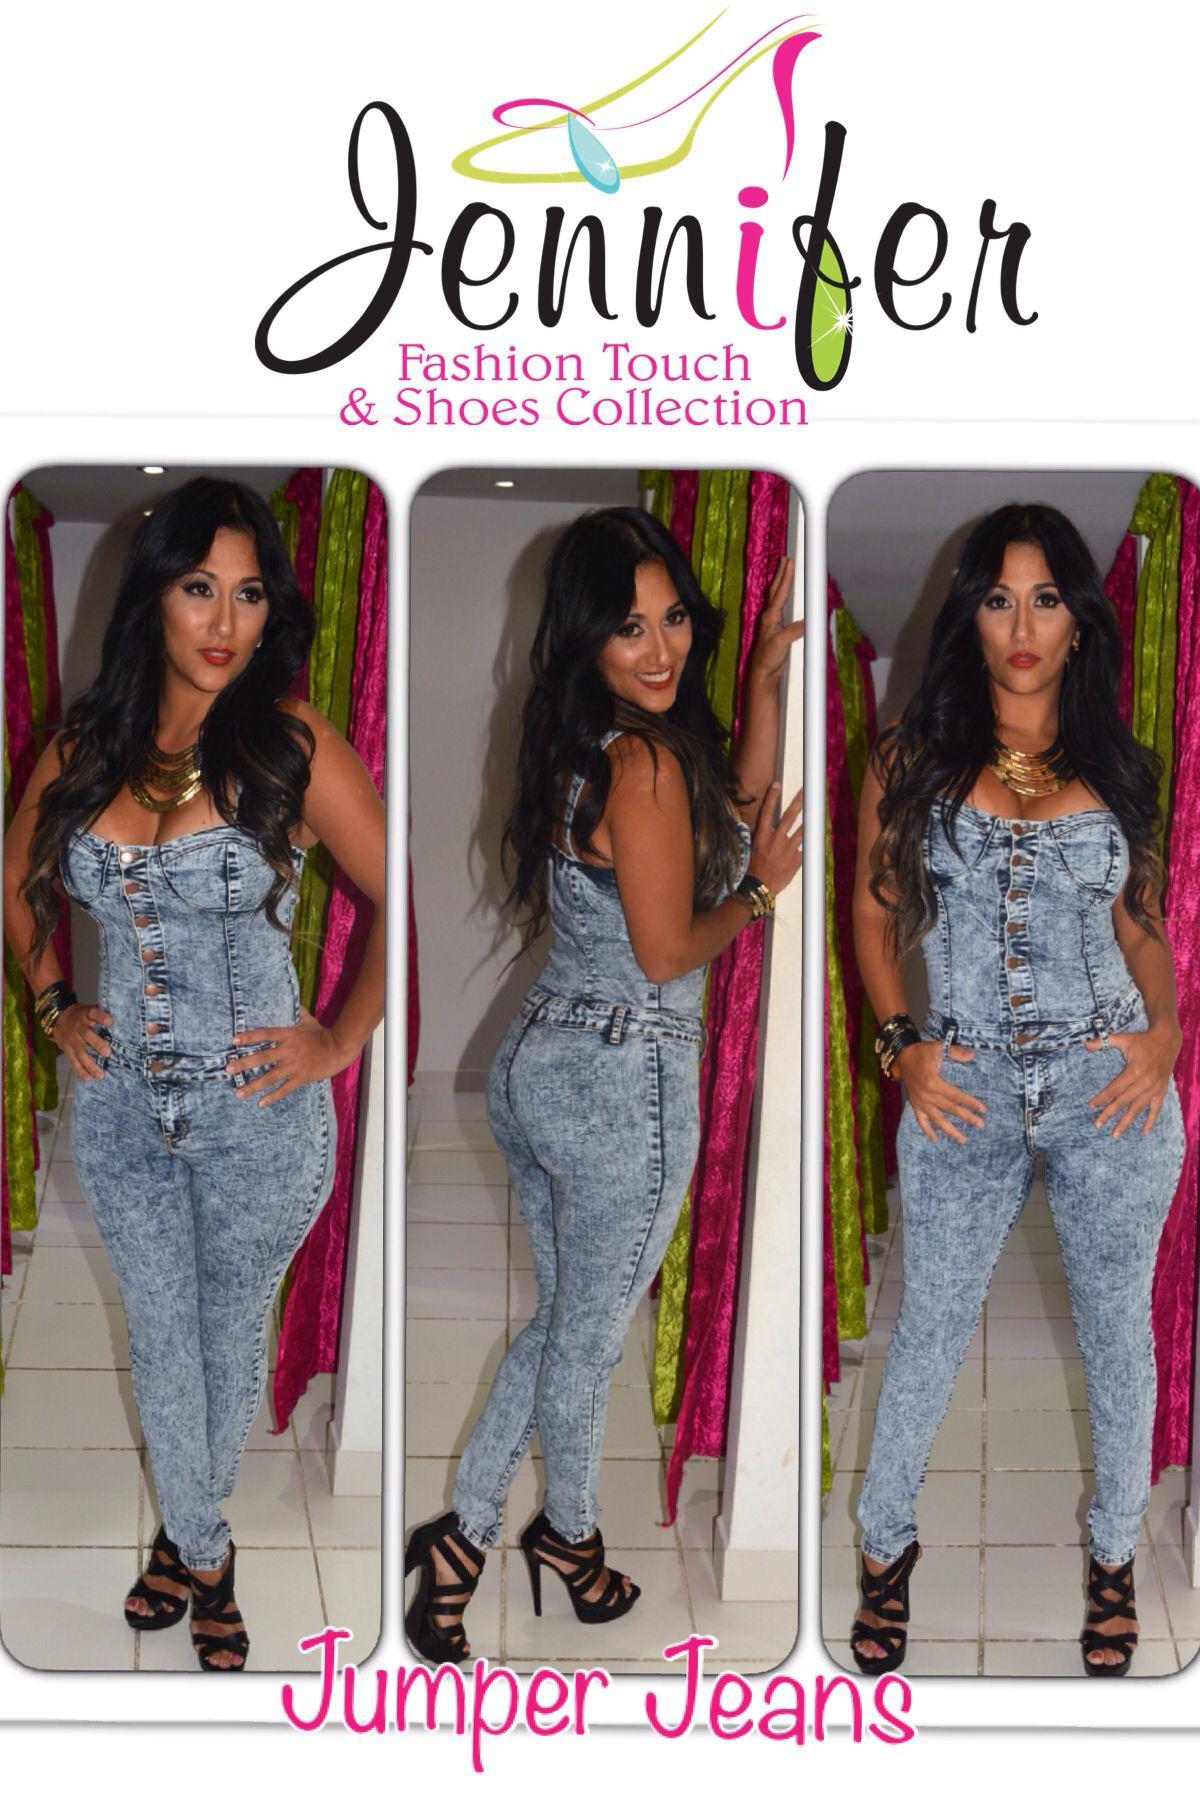 Definitivamente tienes q tenerlo!!! , hermoso y espectacular Jumper Jeans  Disponible S/M/L Collar y pulseras disponible  Tacos negro New Disponible 5.5 al 10 color negro, rojo y jade Manatí 787365-9010 Dorado 787994-0042 Para pedidos envía Texto al 787224-3434!!!